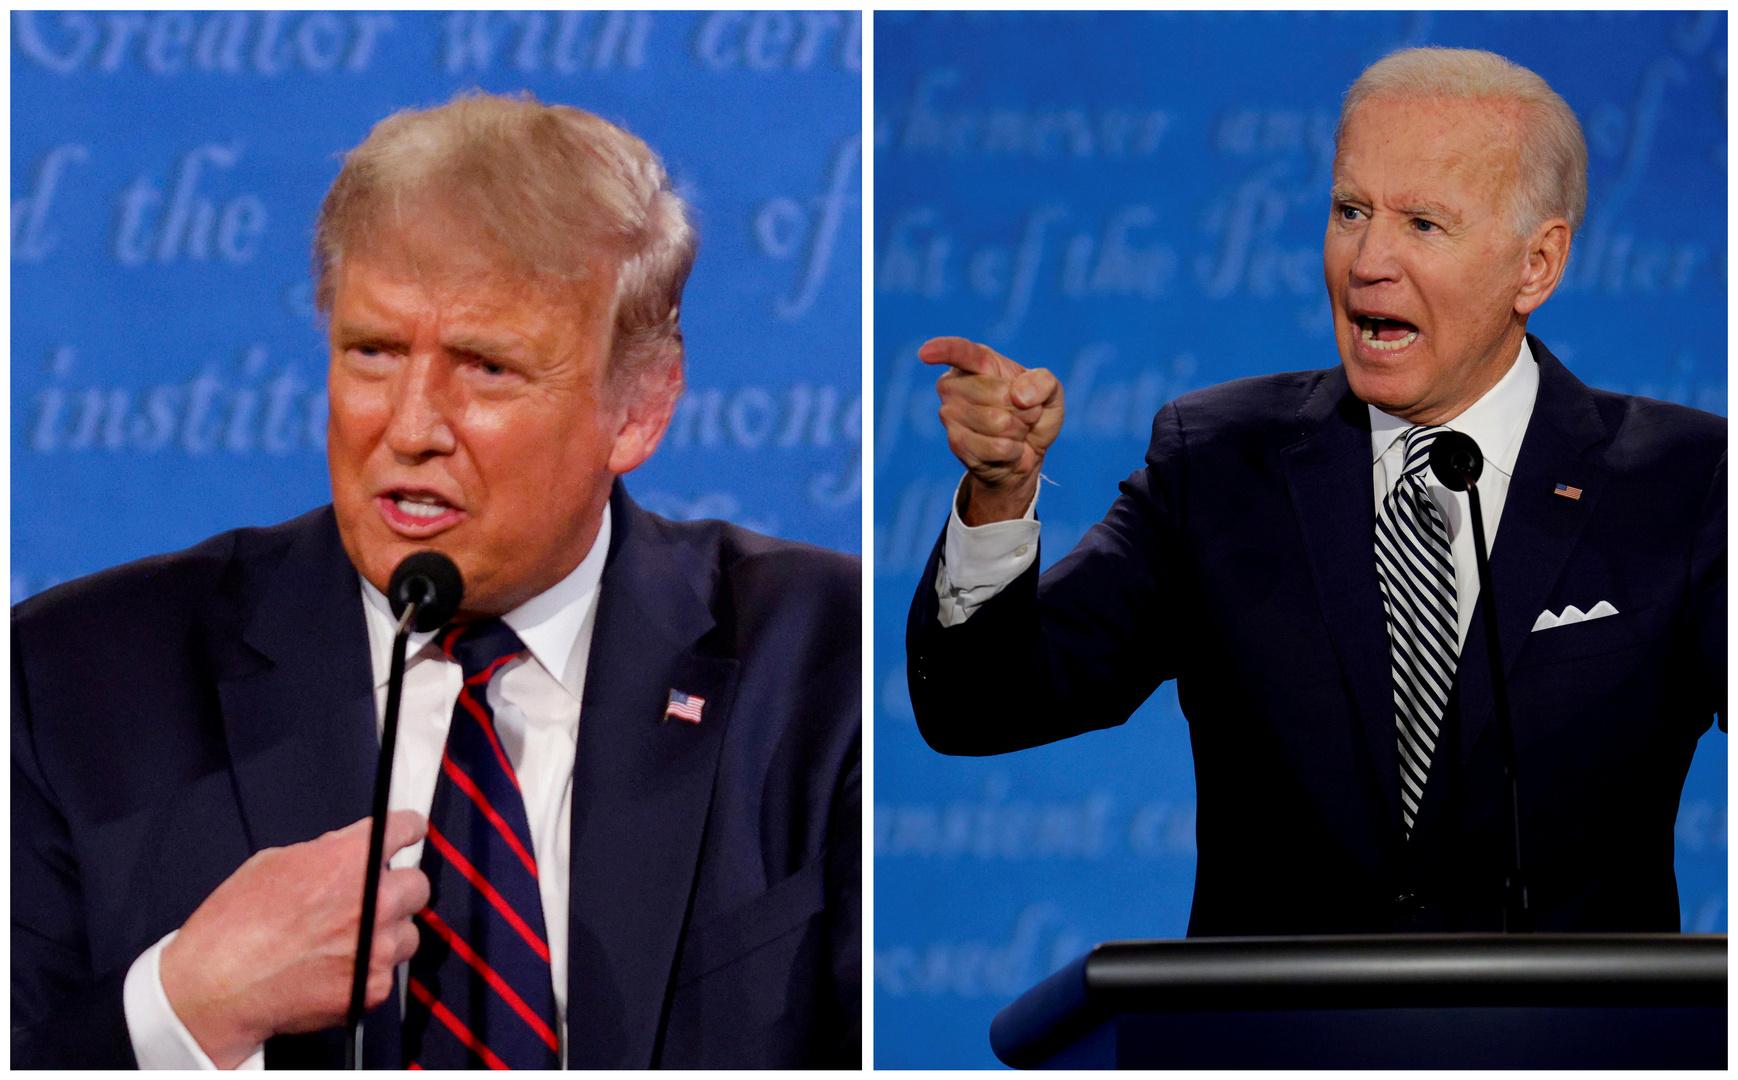 المرشح الديمقراطي للرئاسة الأمريكية، جو بايدن، ومنافسه الجمهوري، الرئيس الحالي، دونالد ترامب.